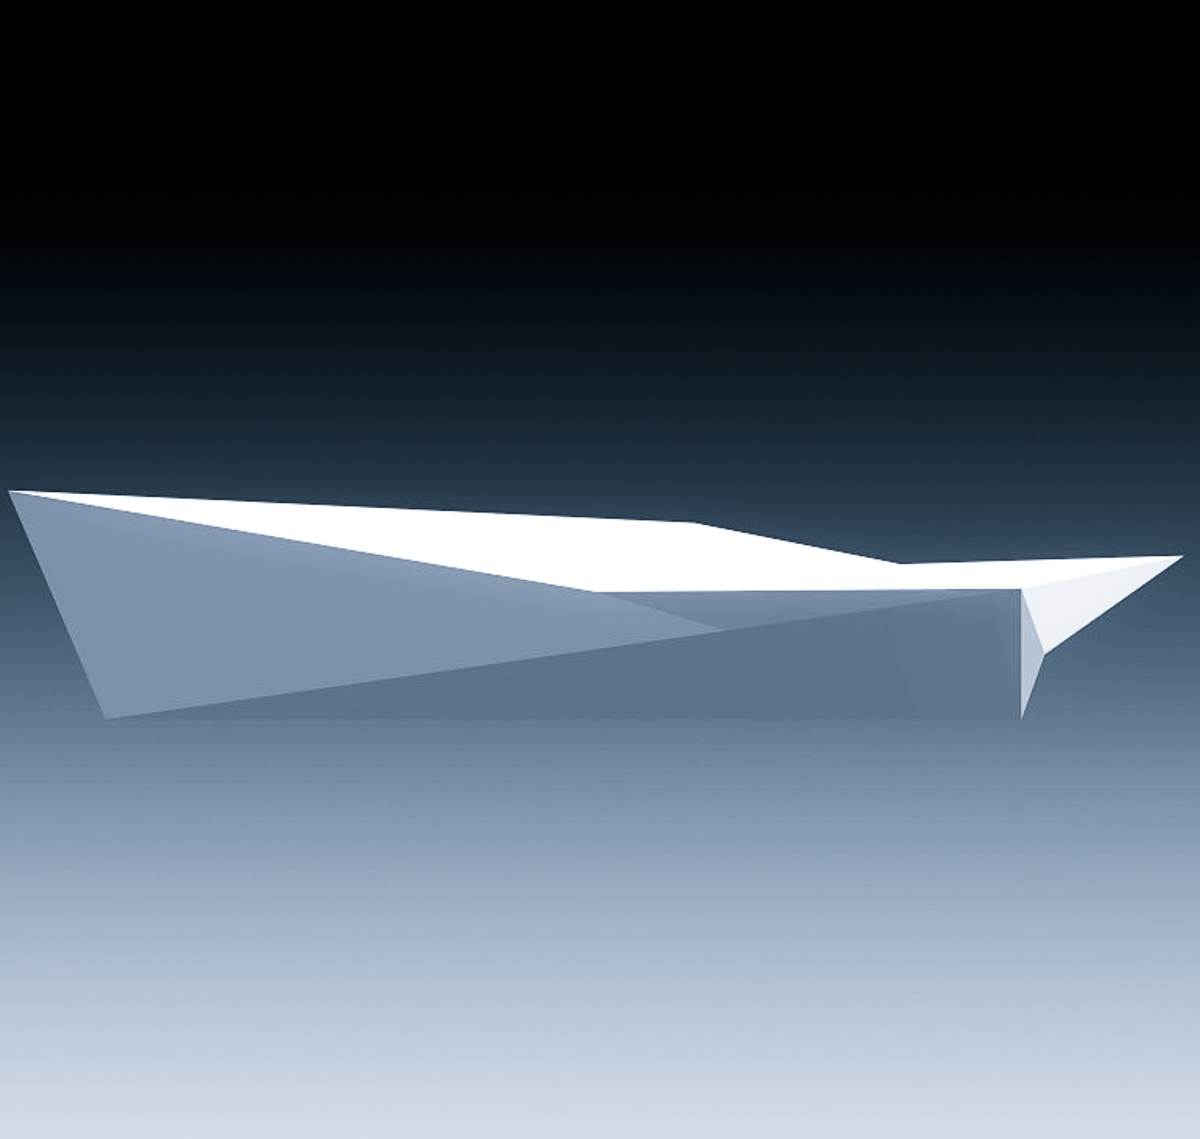 duotone-3.jpg